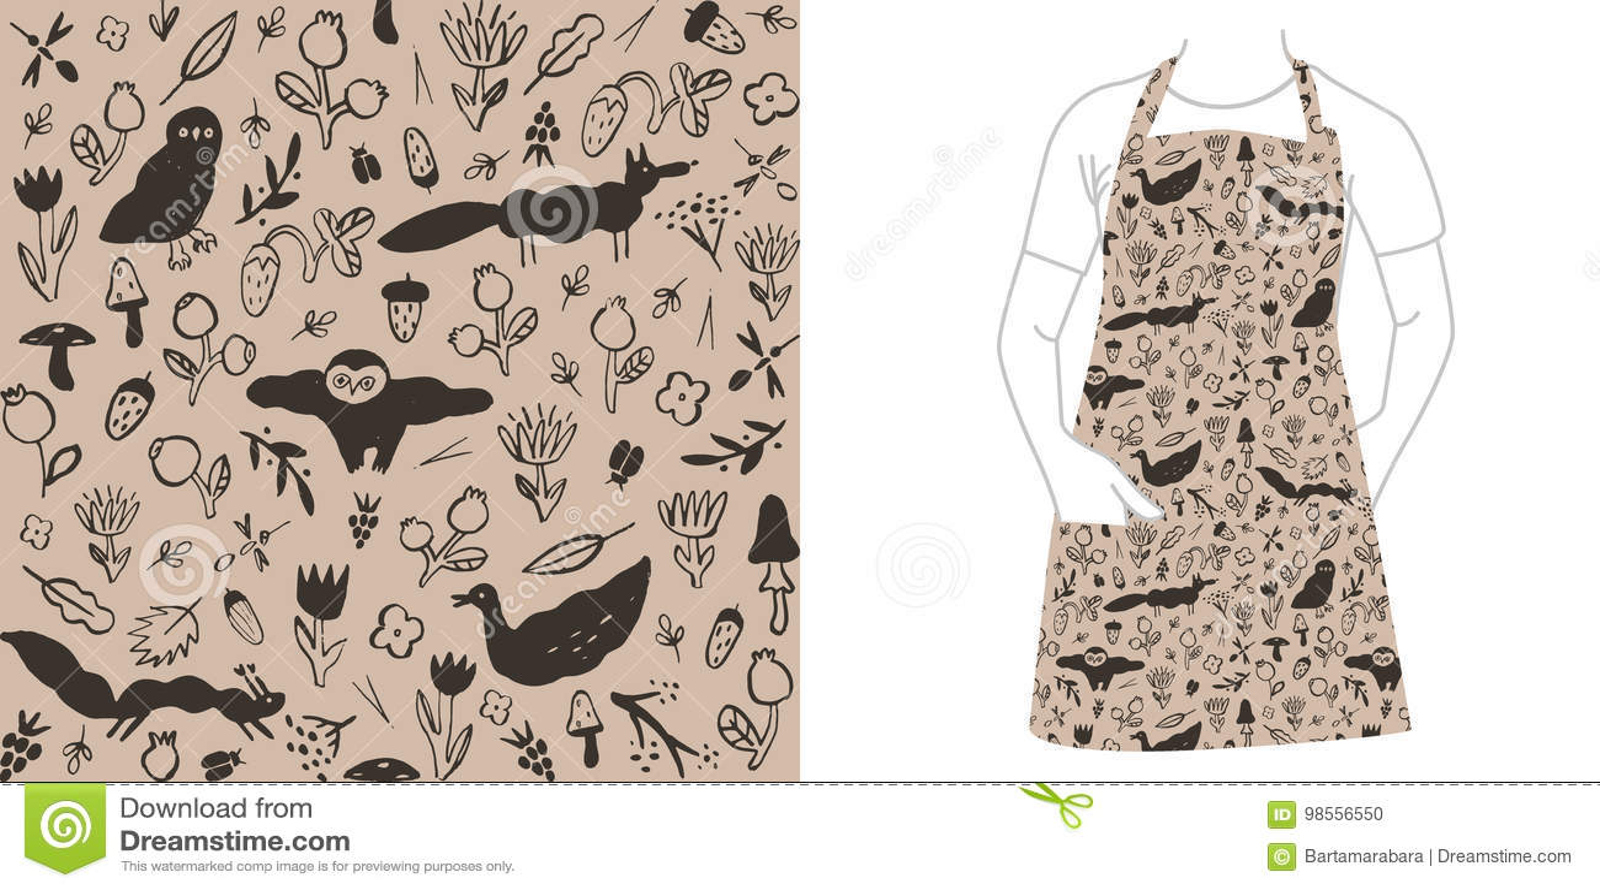 Άνευ ραφής μαύρο σχέδιο με τα άγρια ζώα, τα λουλούδια, τα μούρα, τα μανιτάρια και τα έντομα